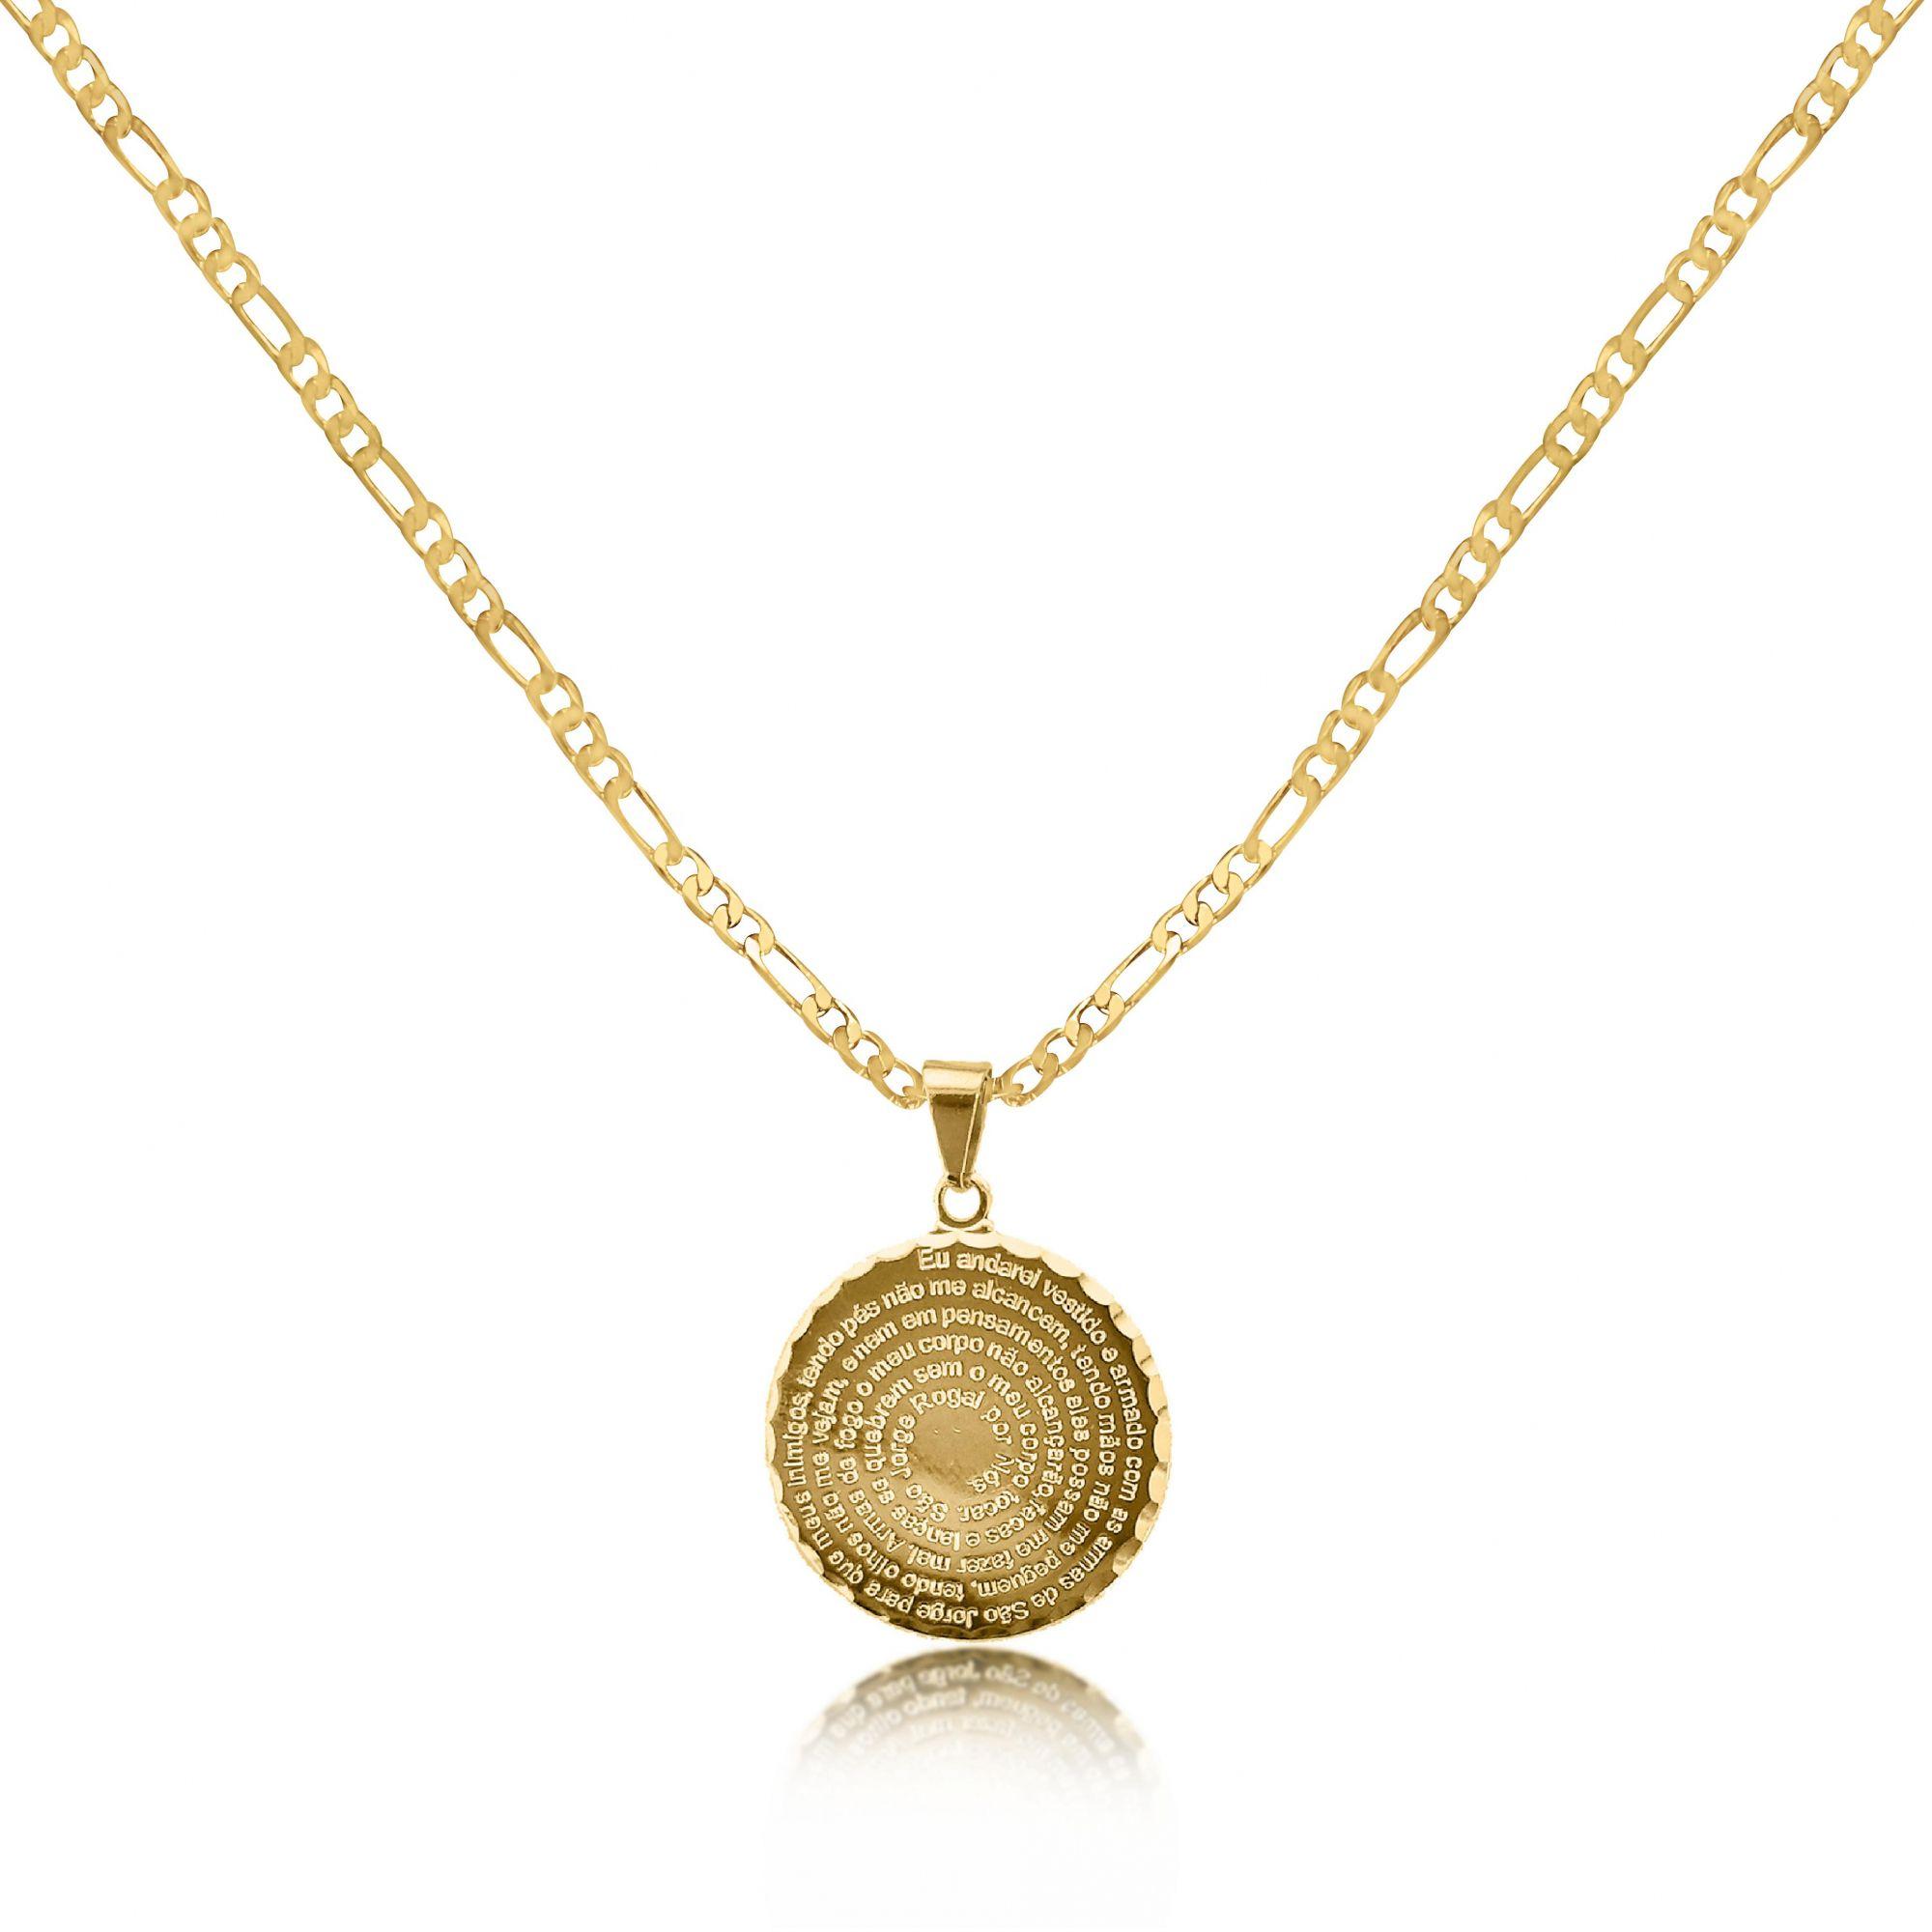 Corrente Masculina 3x1 4mm Mandala São Jorge Folheado a Ouro 18k